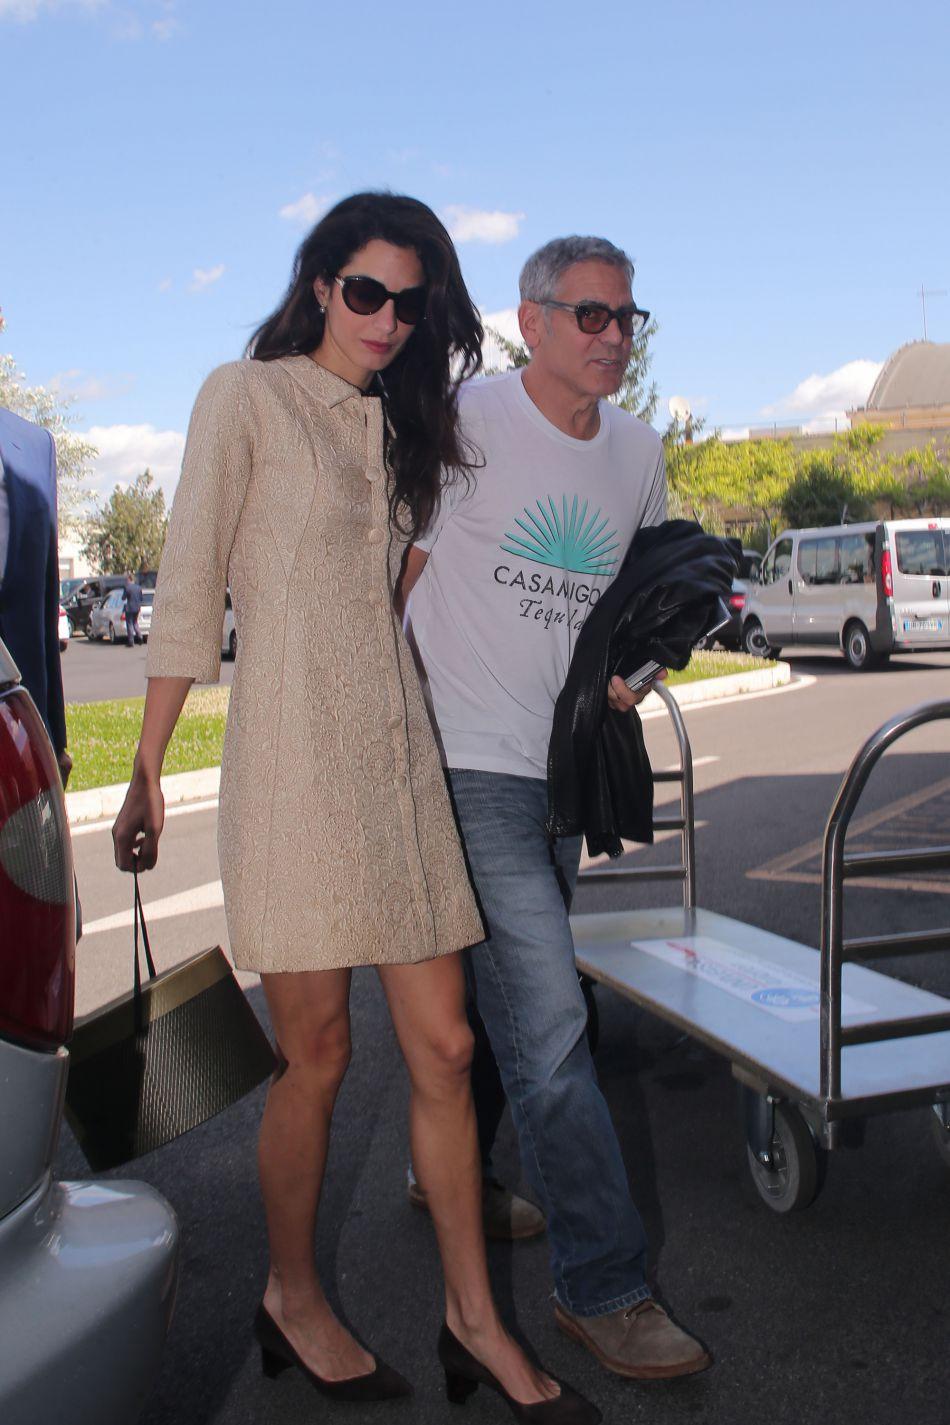 Les lunettes de soleil XXL sont un emblème du look d'Amal Clooney, et de Jackie Kennedy aussi.